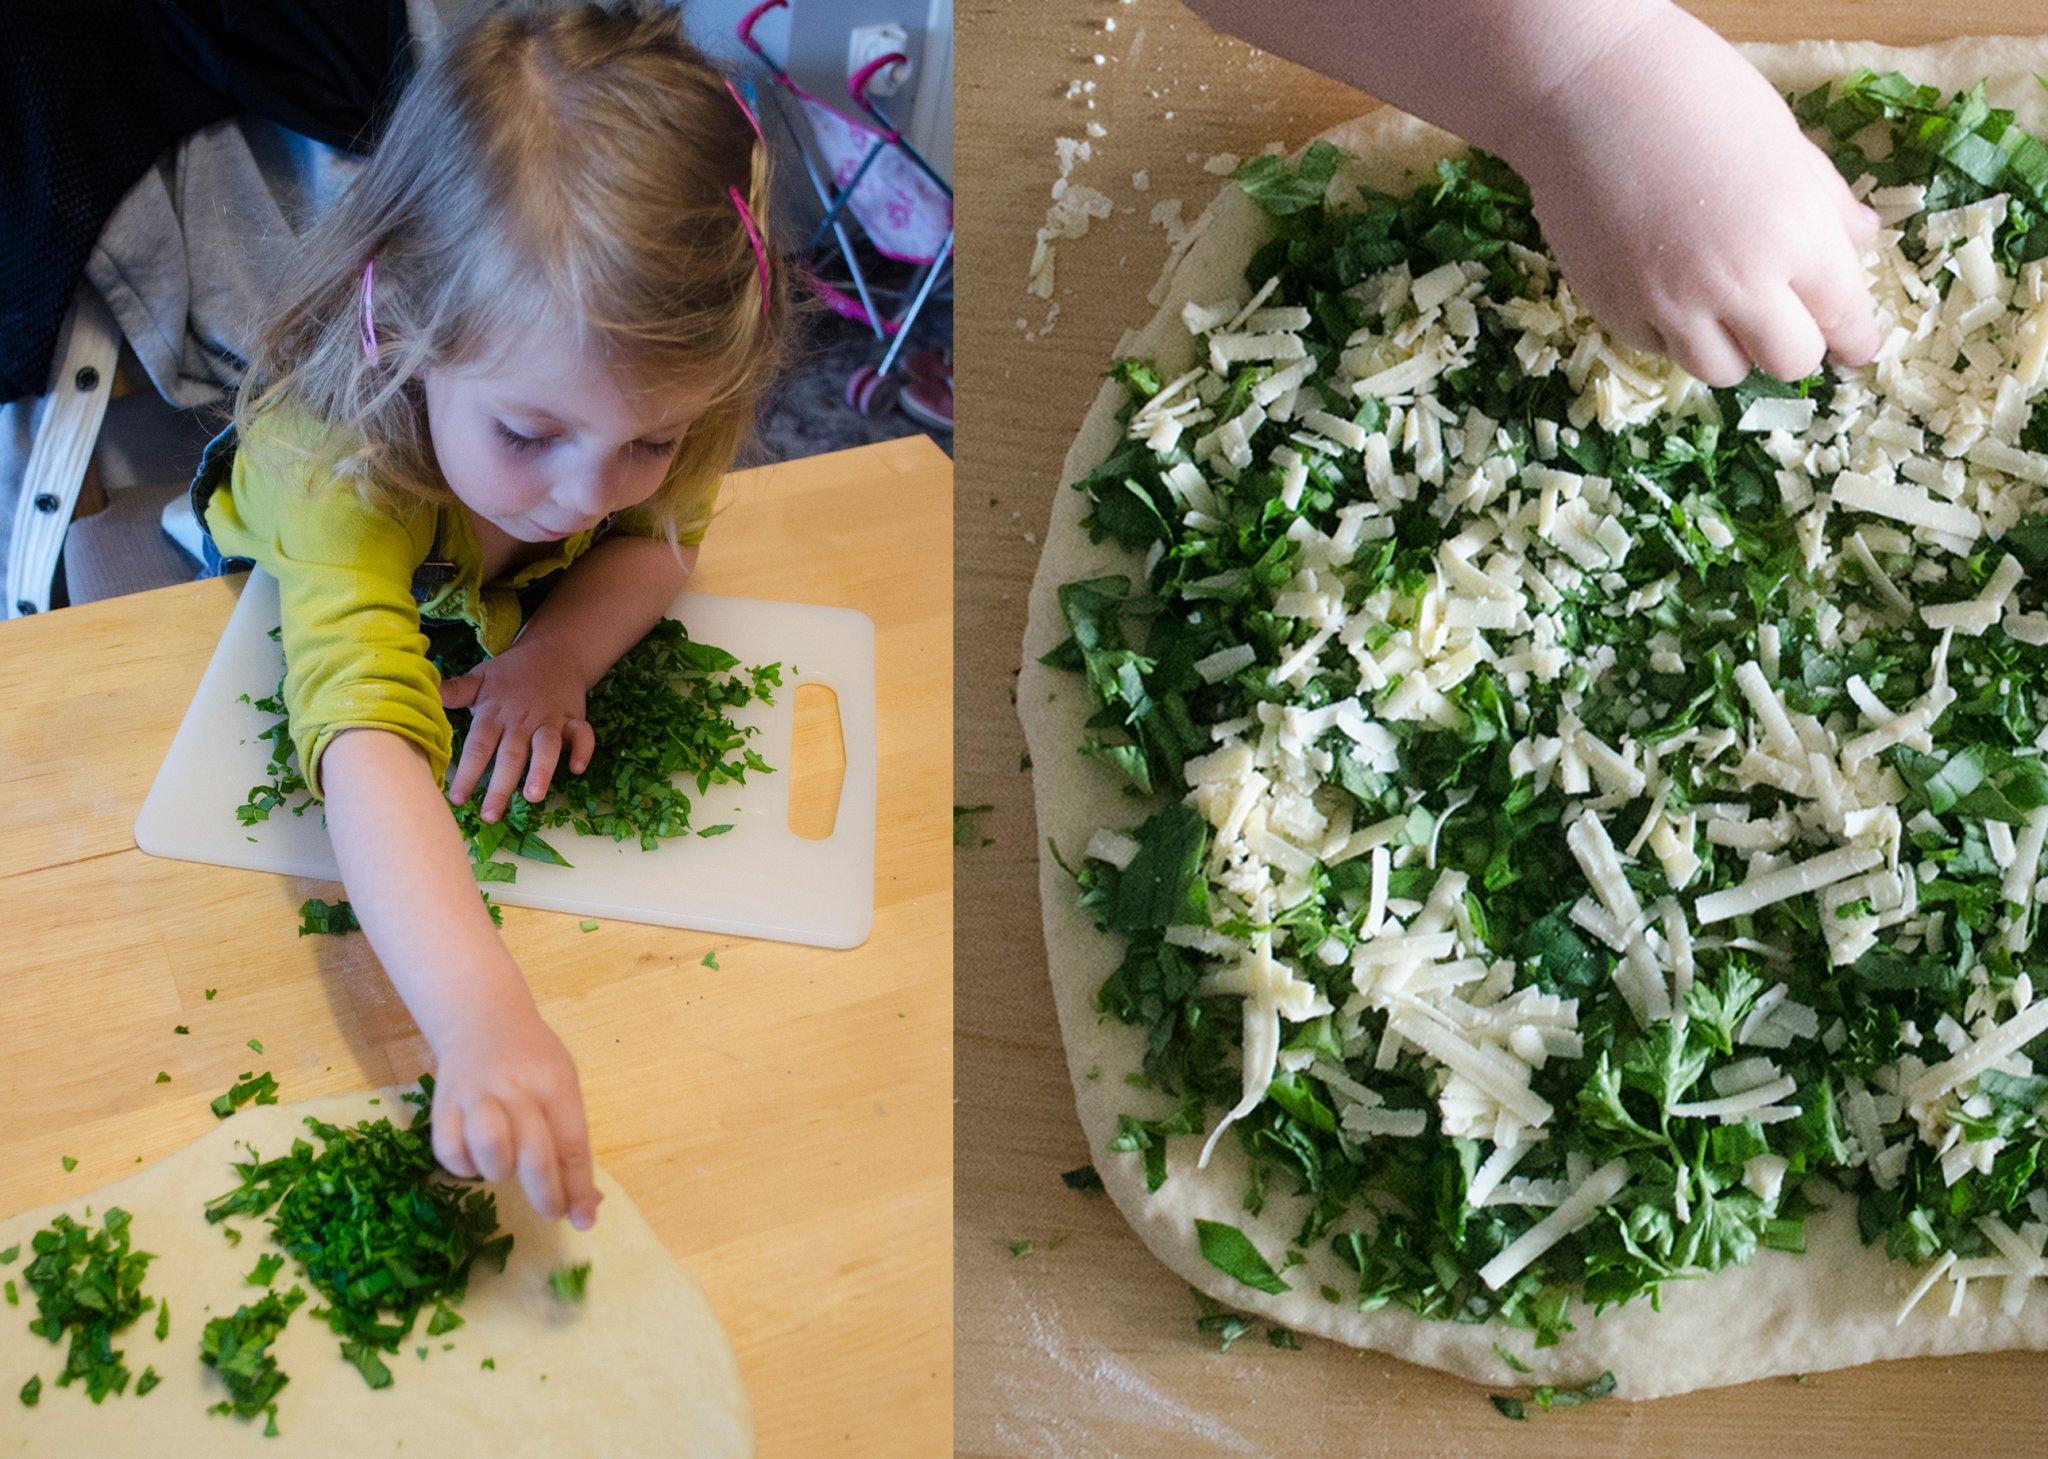 Tavaszi sajtos, zöld fűszeres kenyér | Fűszer és Lélek